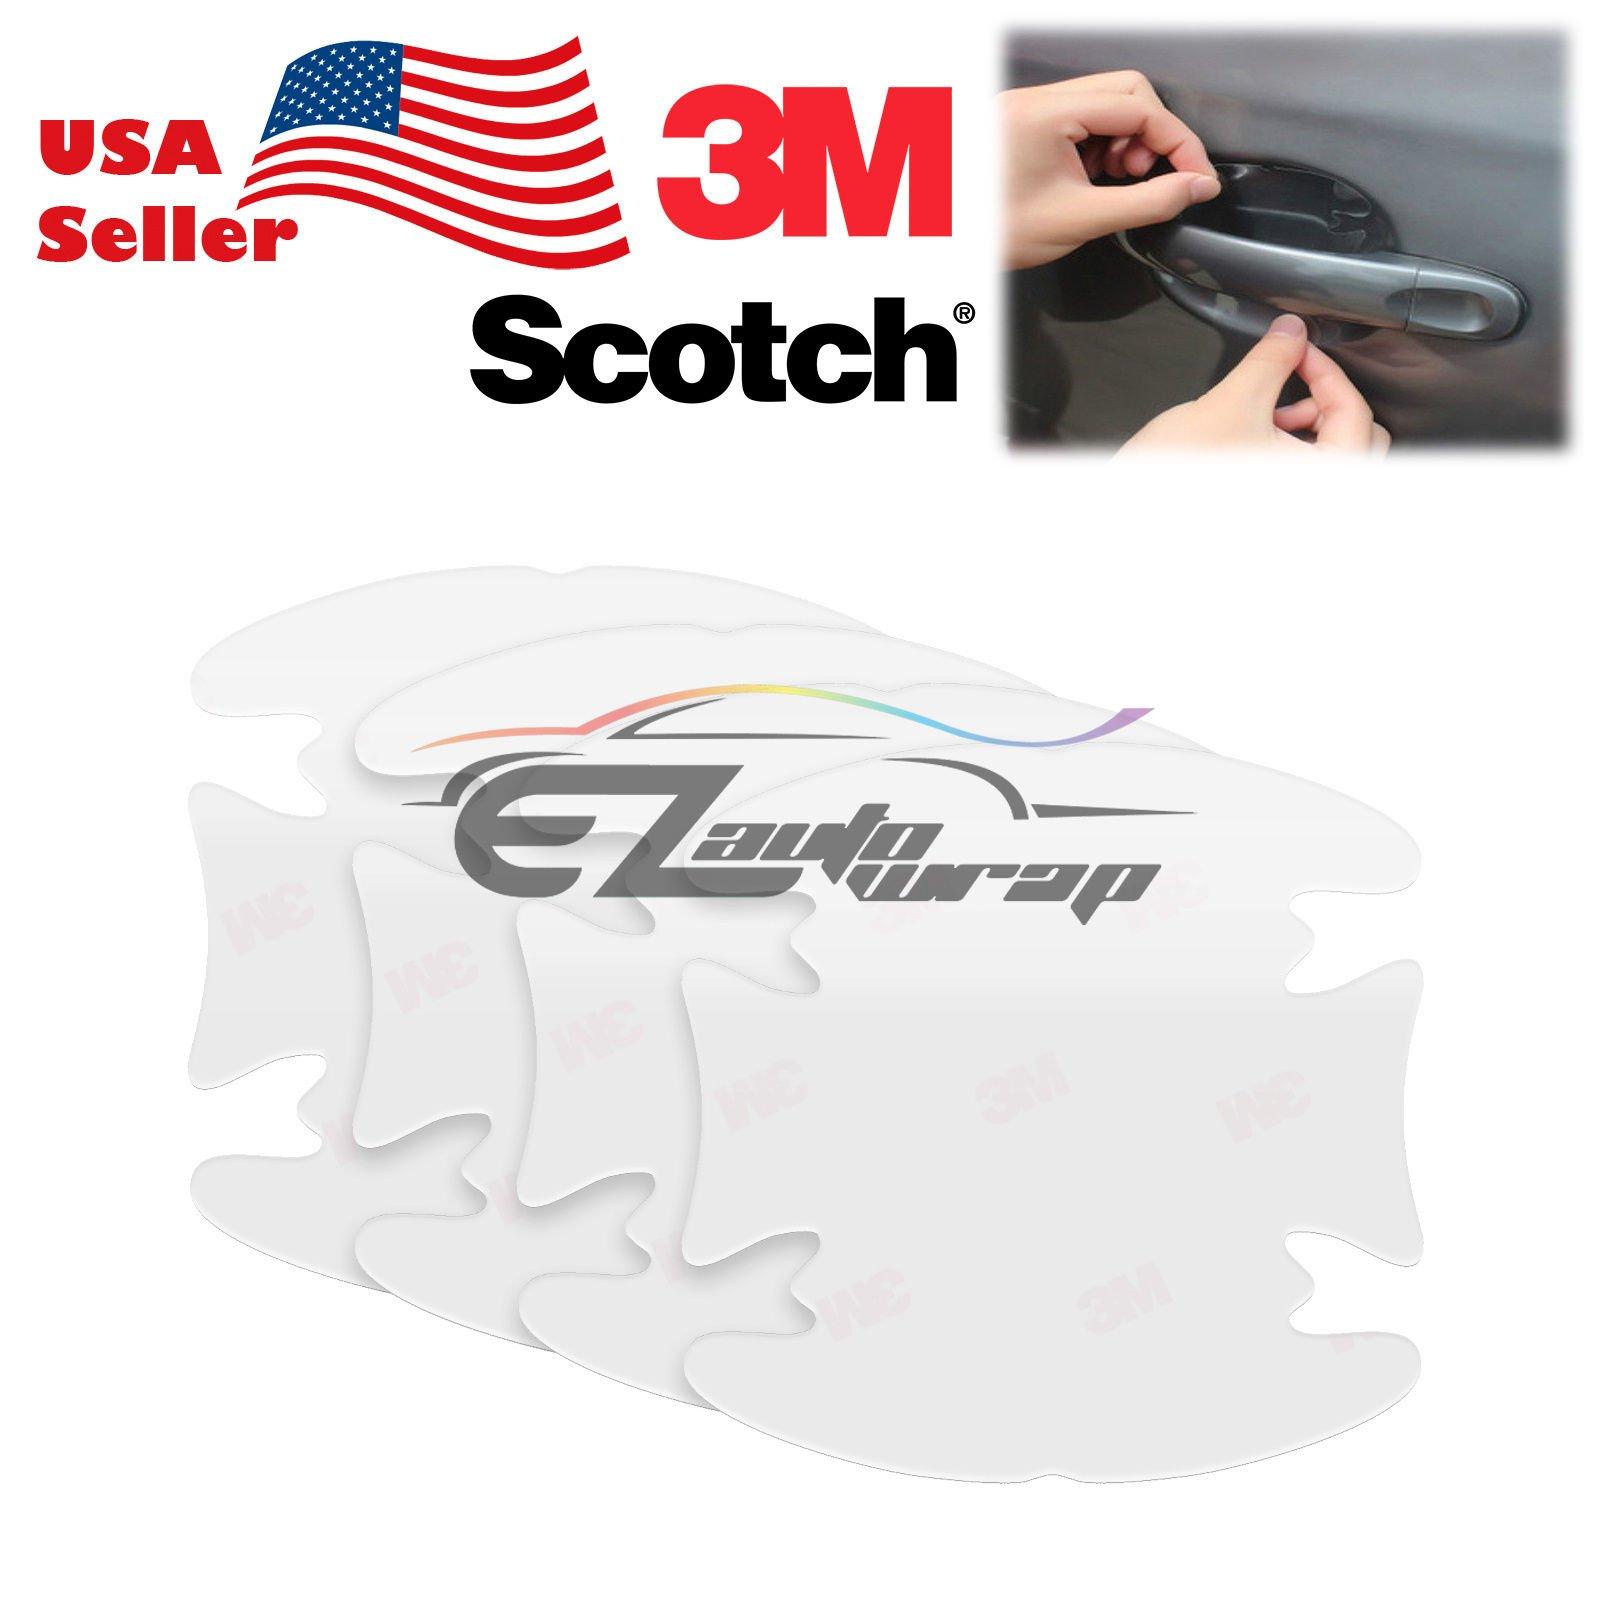 EZAUTOWRAP 4PCs 3M Scotchguard Clear Door Cup Handle Paint Scratch Protection Guard Film Bra Vinyl Style 1 by EZAUTOWRAP (Image #2)